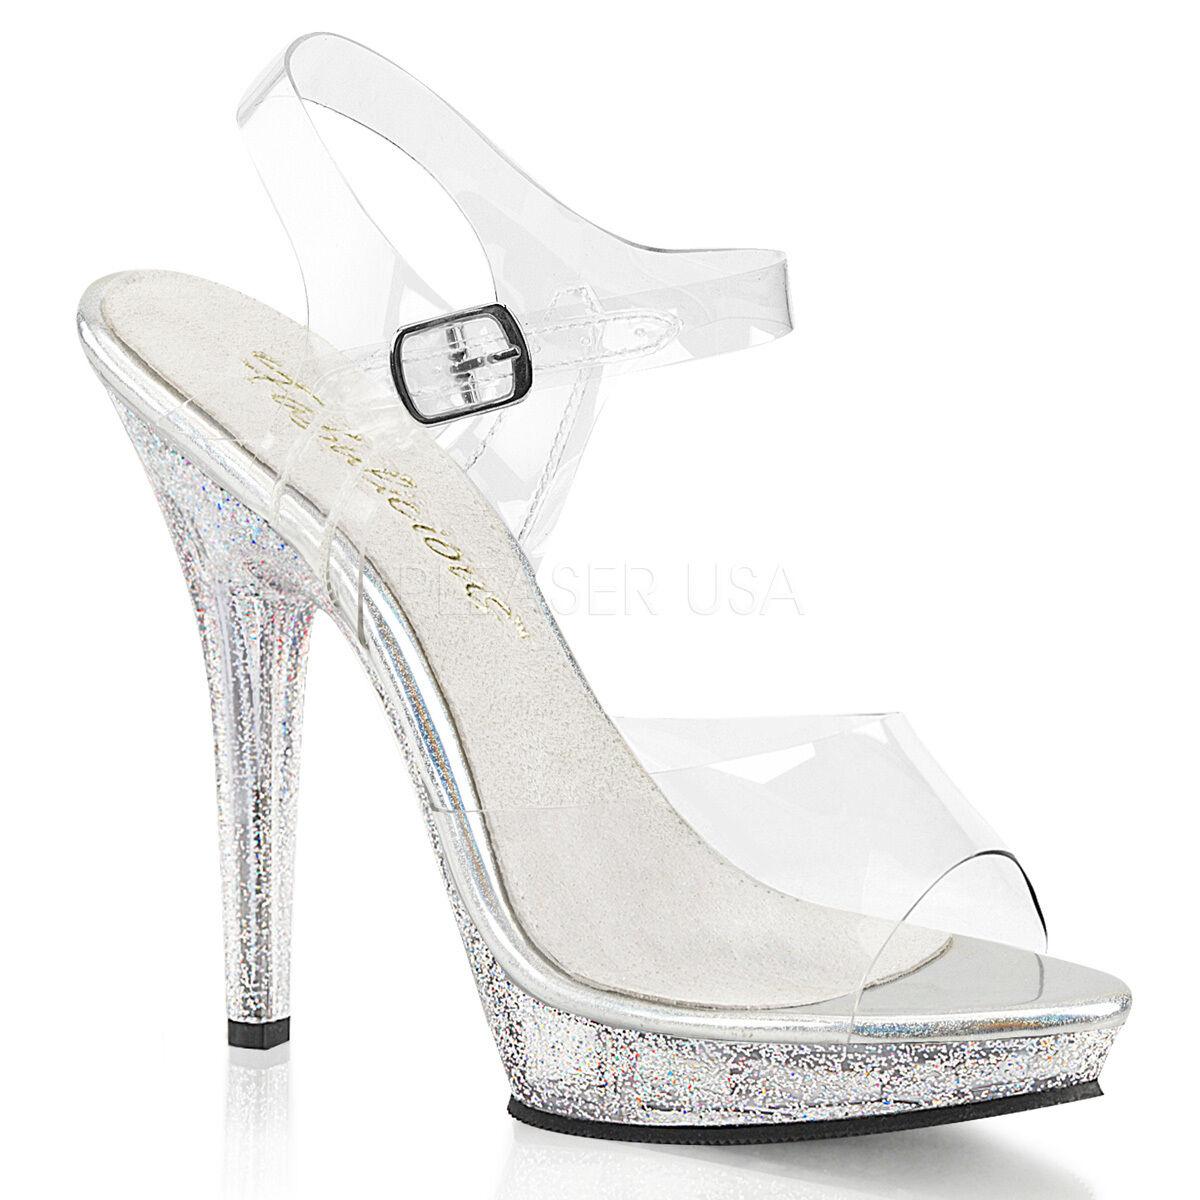 Sexy Stripper 5  High Heel Mini Iridescent Glitter Platform chaussures w  Ankle Strap